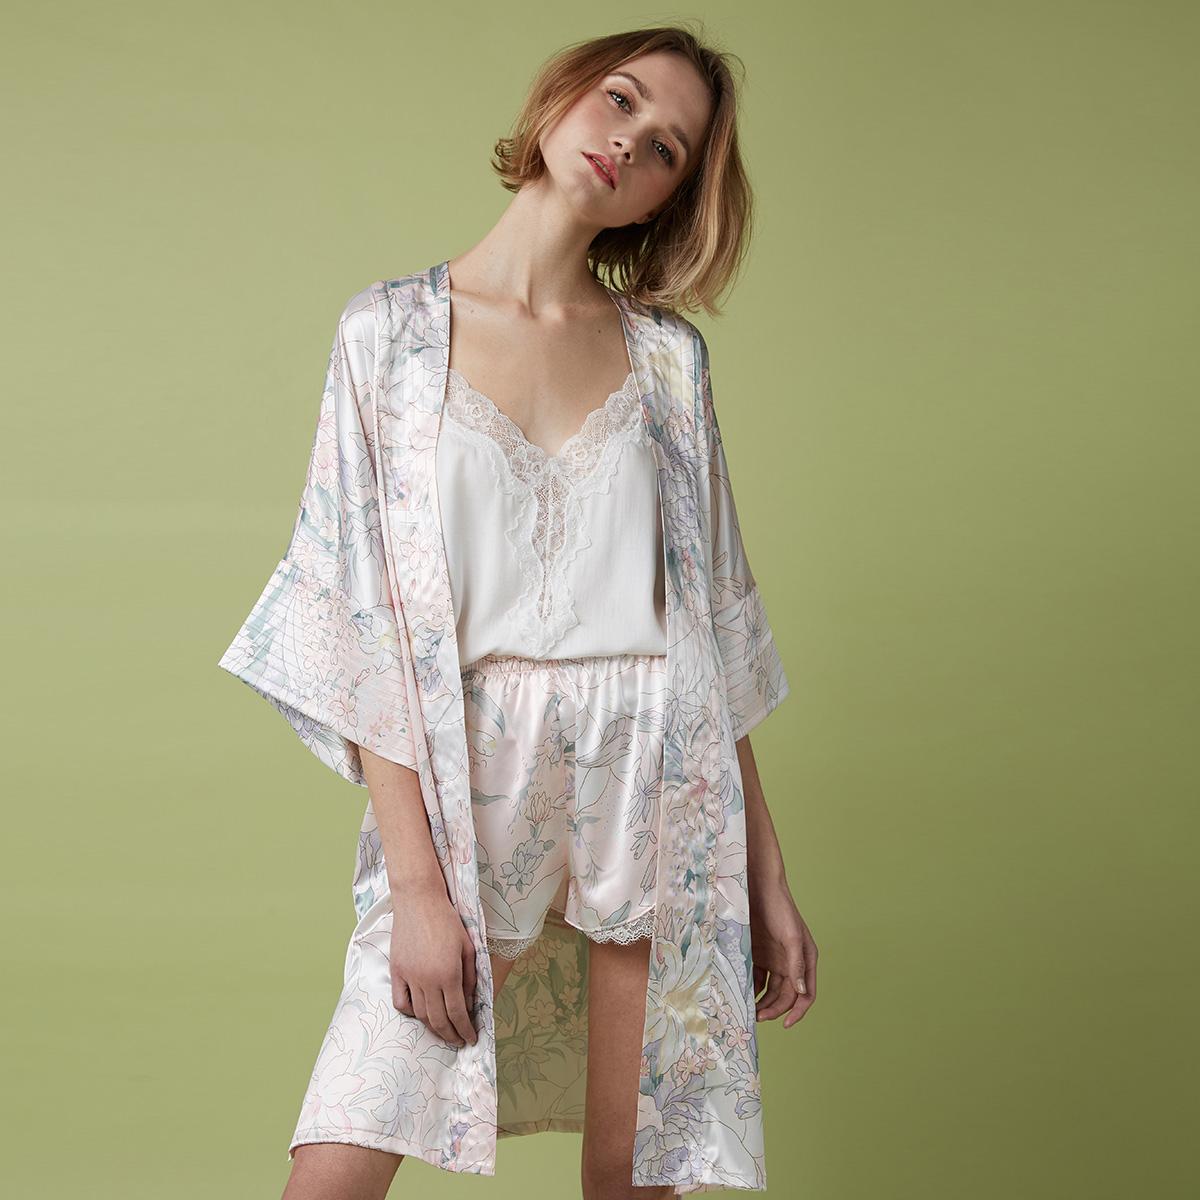 PJM новая весна и лето должен спать платье женщина смысл свободные большой размеров цветы отпечатано в рукав уютный пижама домой одежда халаты